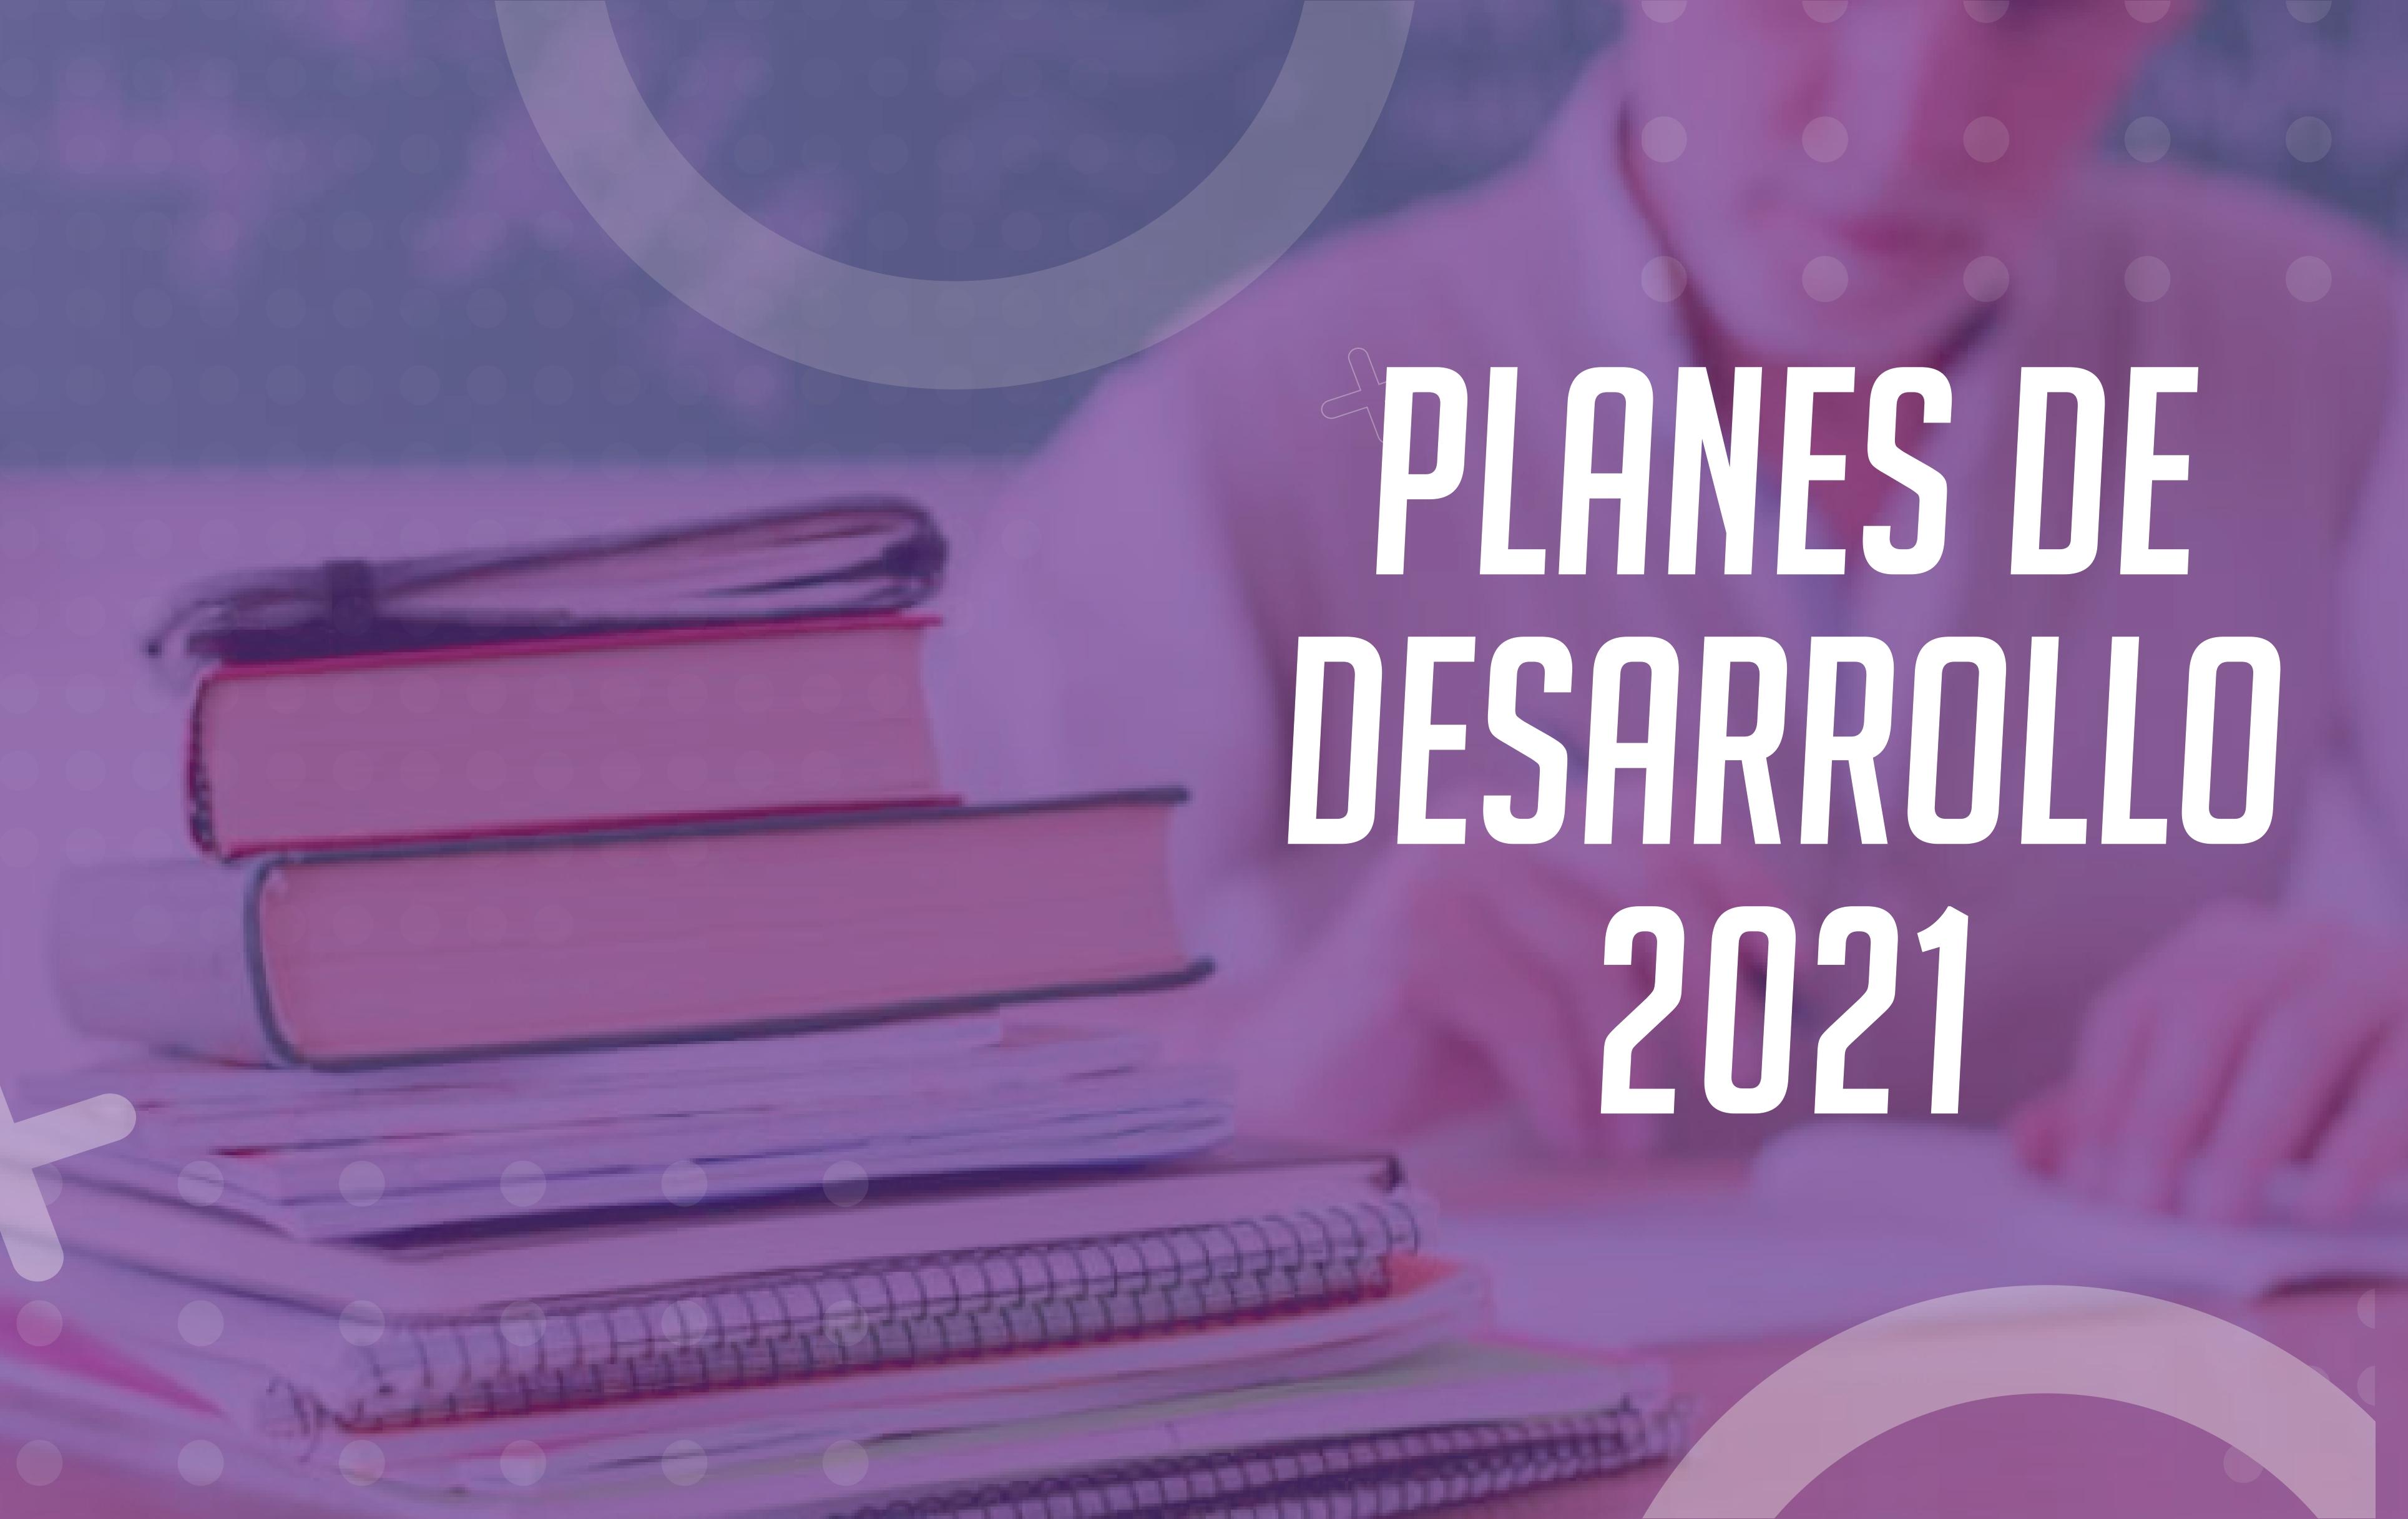 PLANES DE DESARROLLO 2021